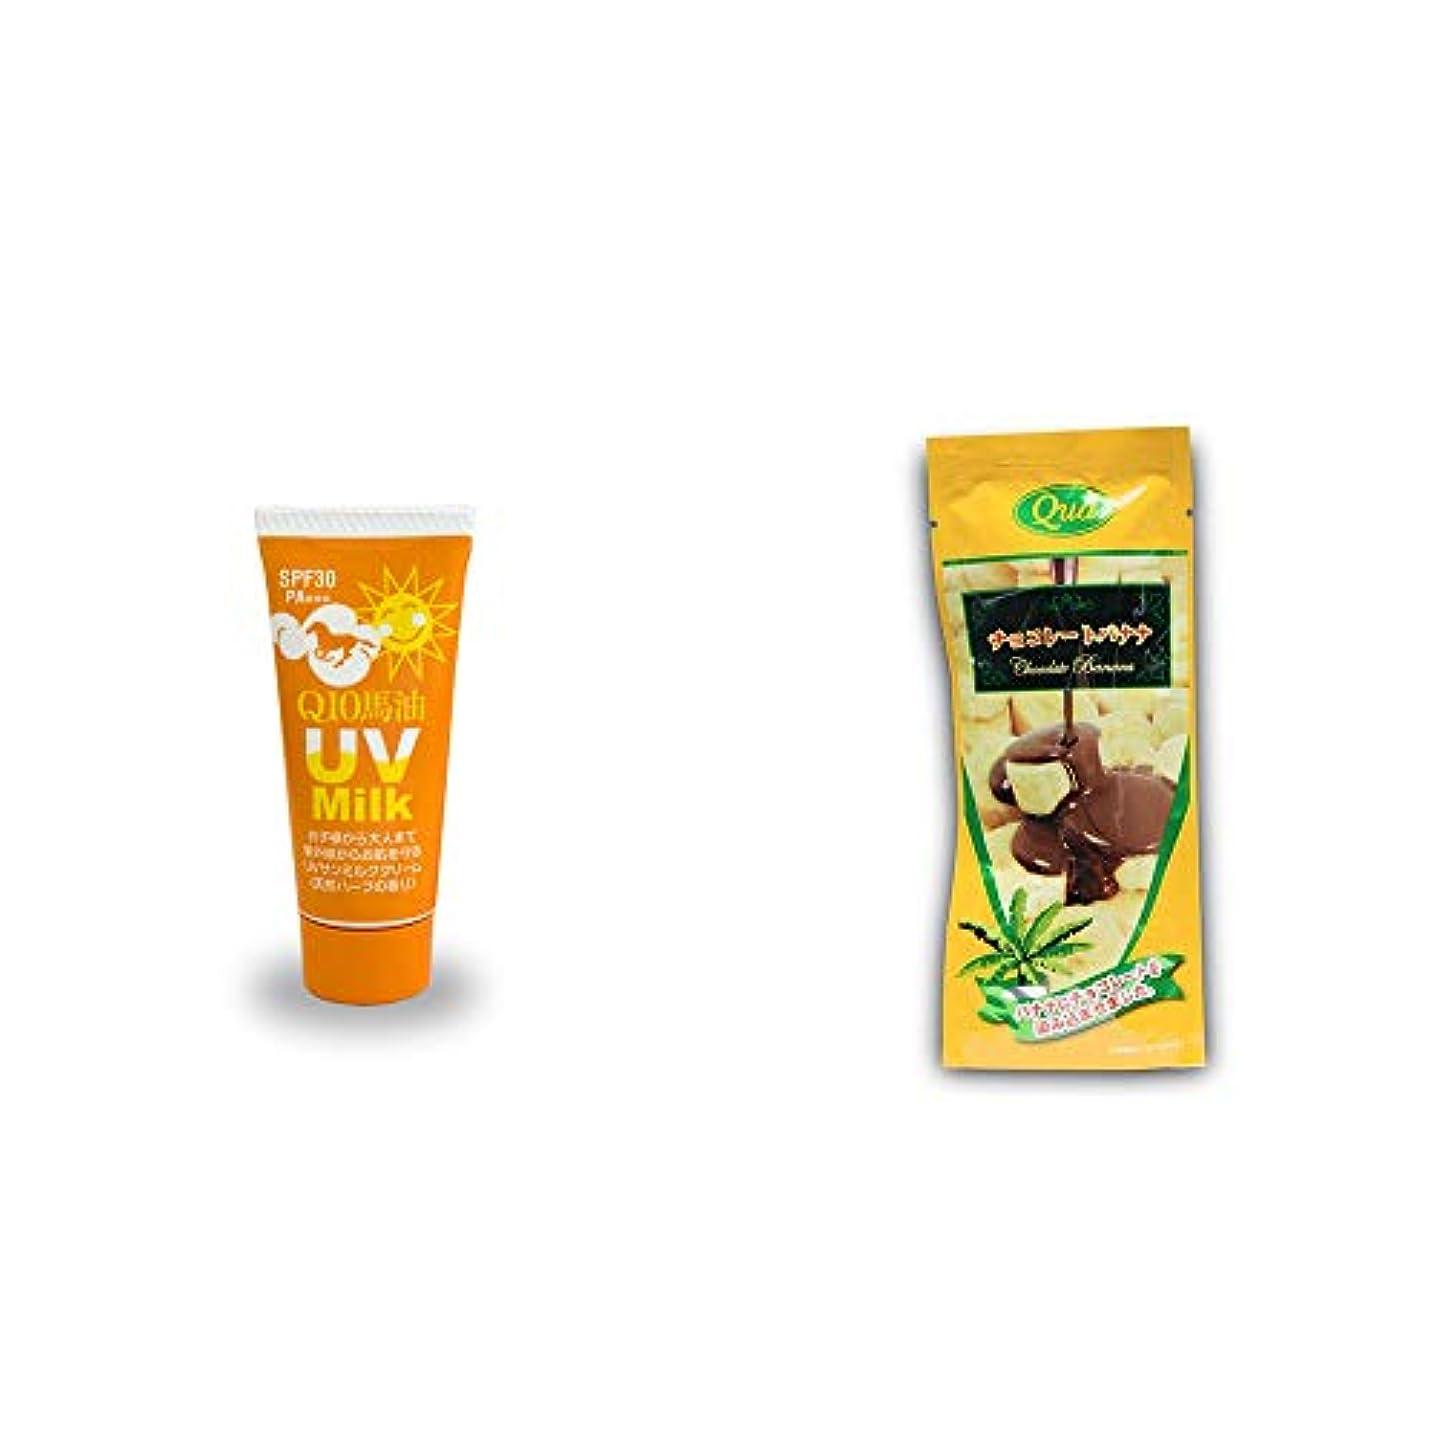 ミキサー保証延ばす[2点セット] 炭黒泉 Q10馬油 UVサンミルク[天然ハーブ](40g)?フリーズドライ チョコレートバナナ(50g)